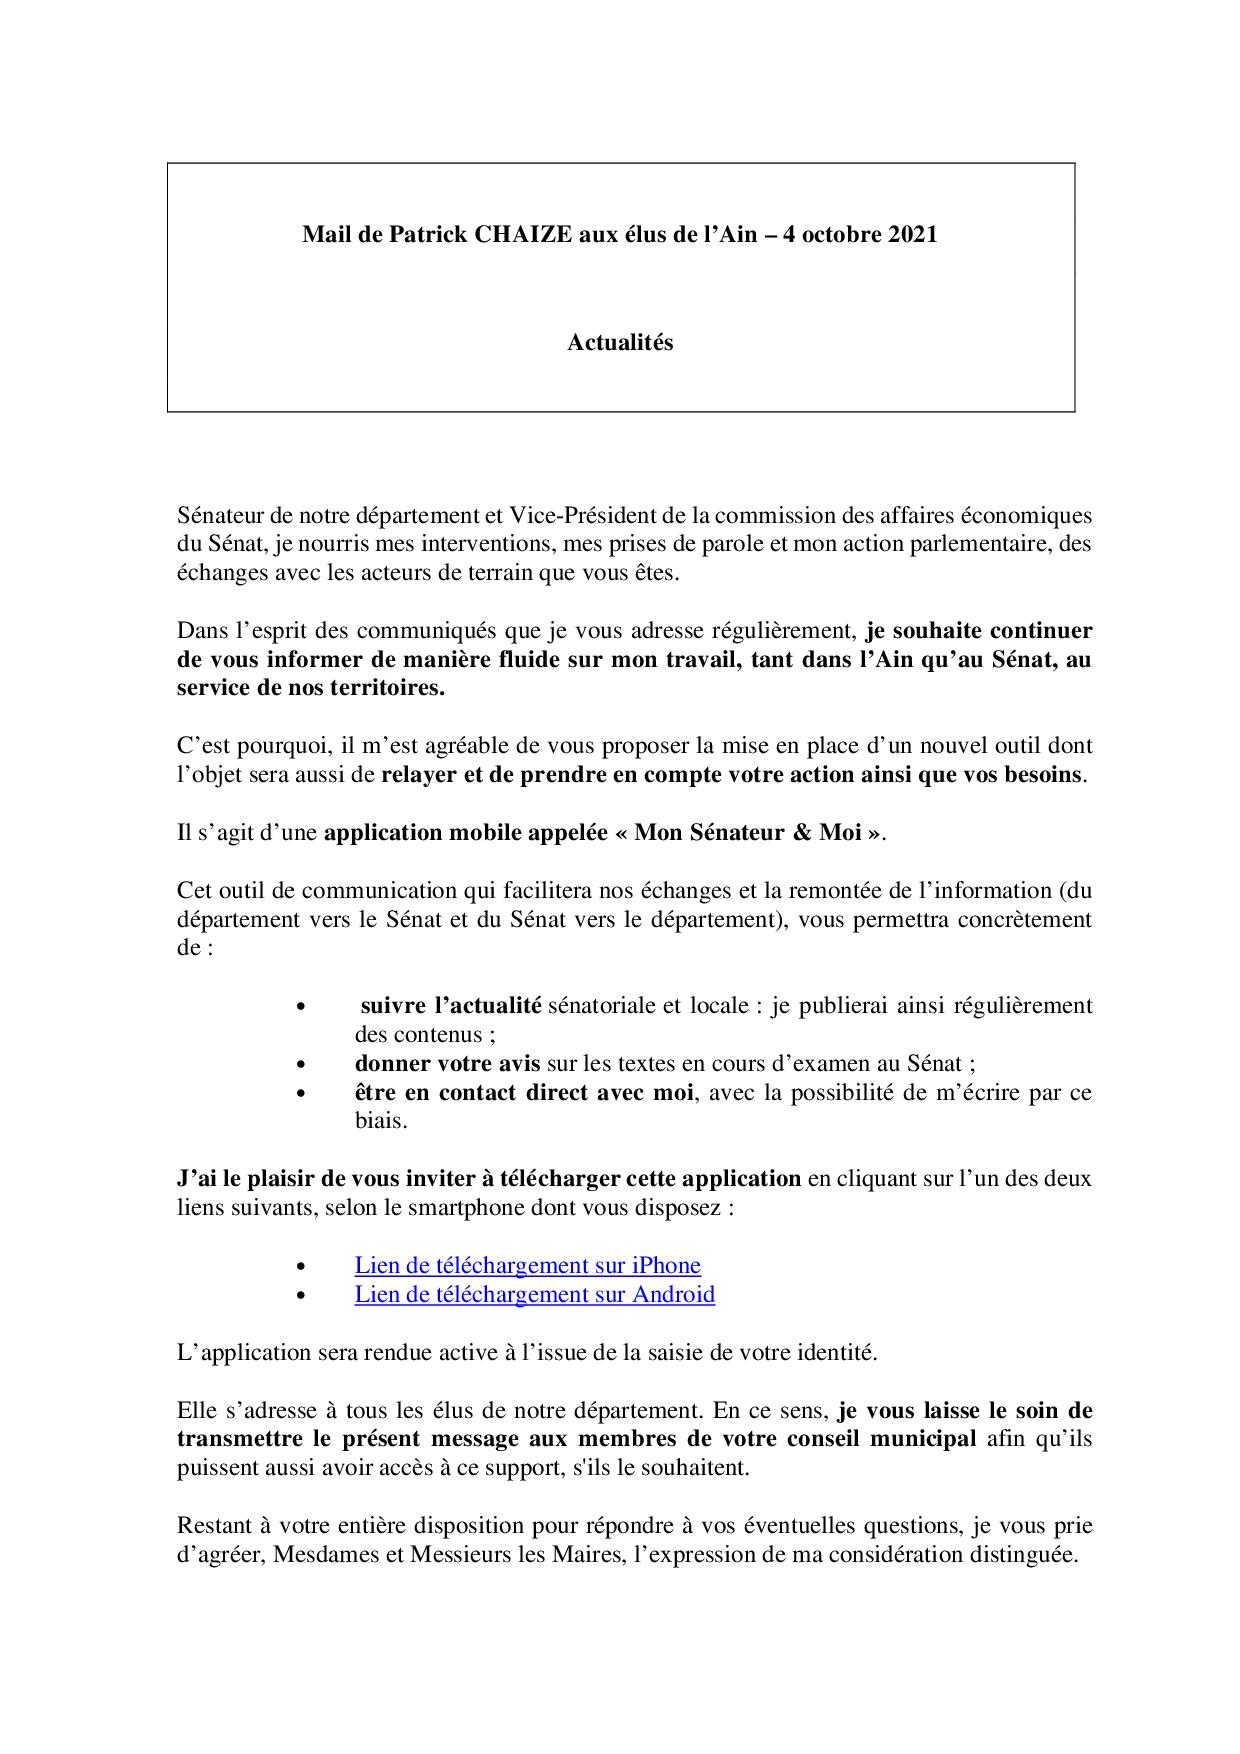 Mail_Information_Communiqué_Elus_Ain_N°82_20211004